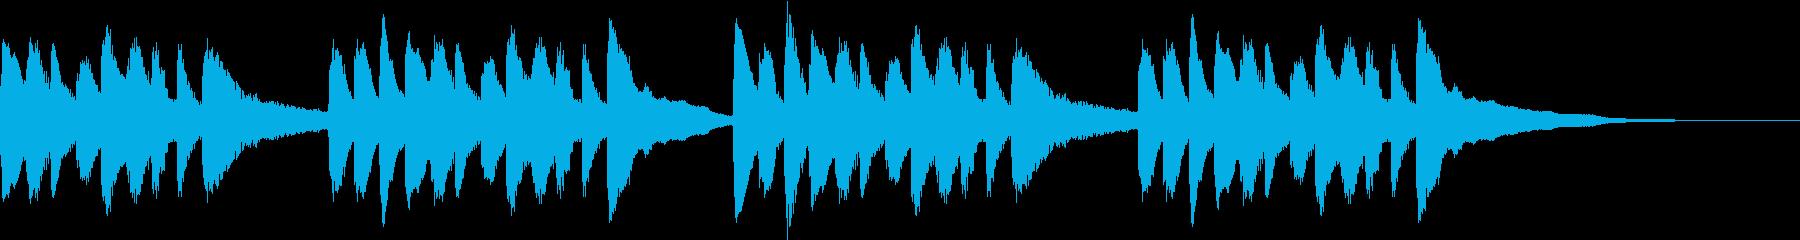 悲しい物語 ピアノソロの再生済みの波形